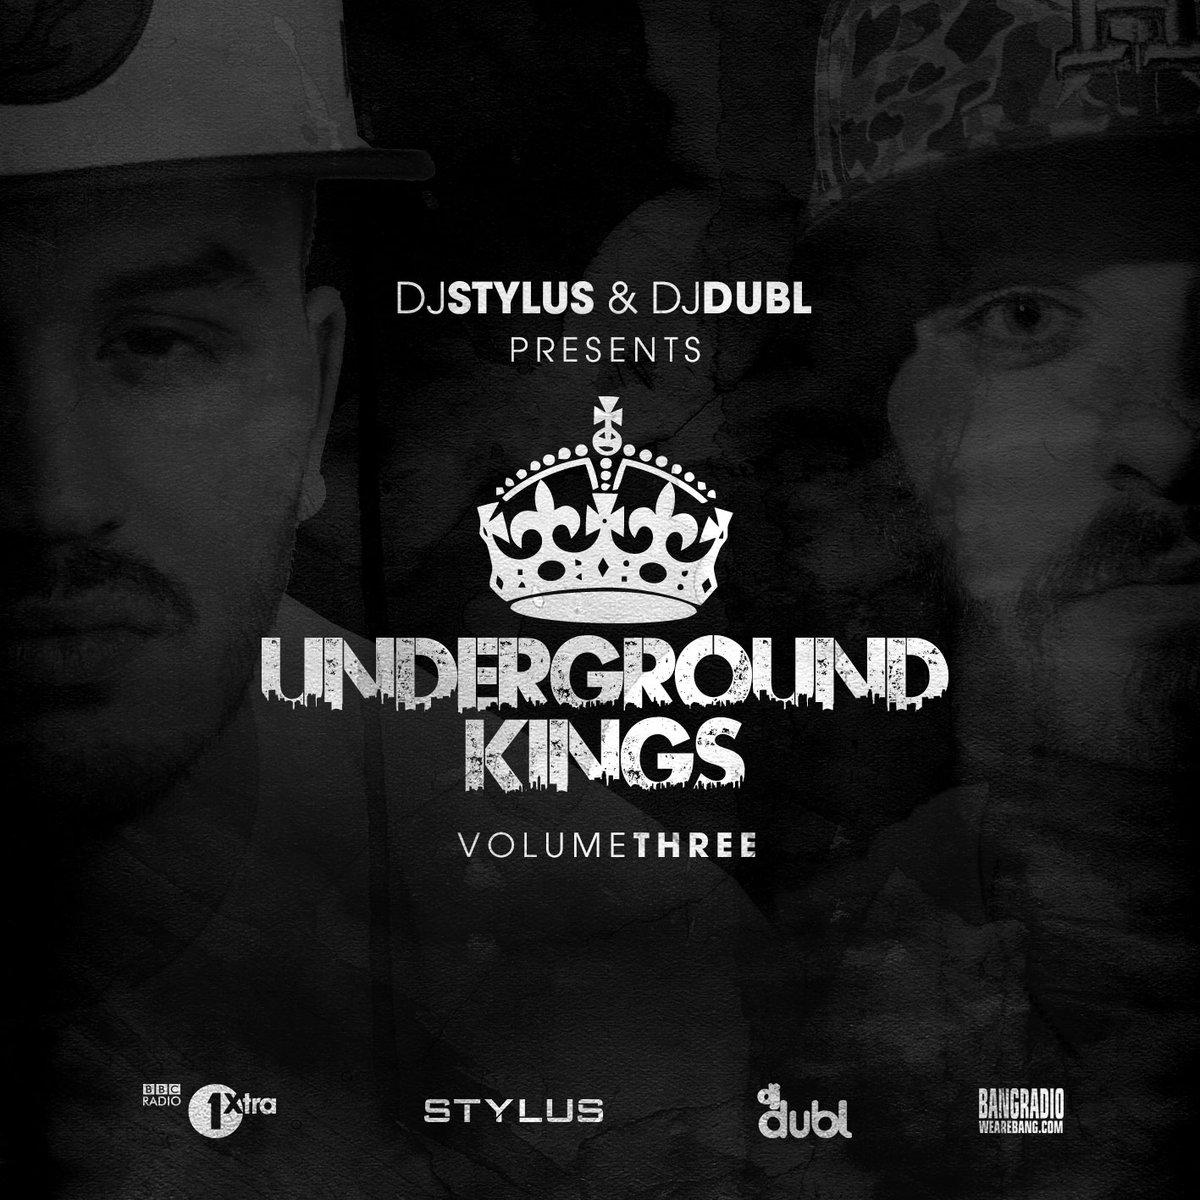 OUT NOW!  @DJDUBL & @DJStylusUK #UndergroundKings3  Stream-  https://t.co/PG1221gGkK DL-  https://t.co/DhJha8zH1z https://t.co/8xtfVNGzjl